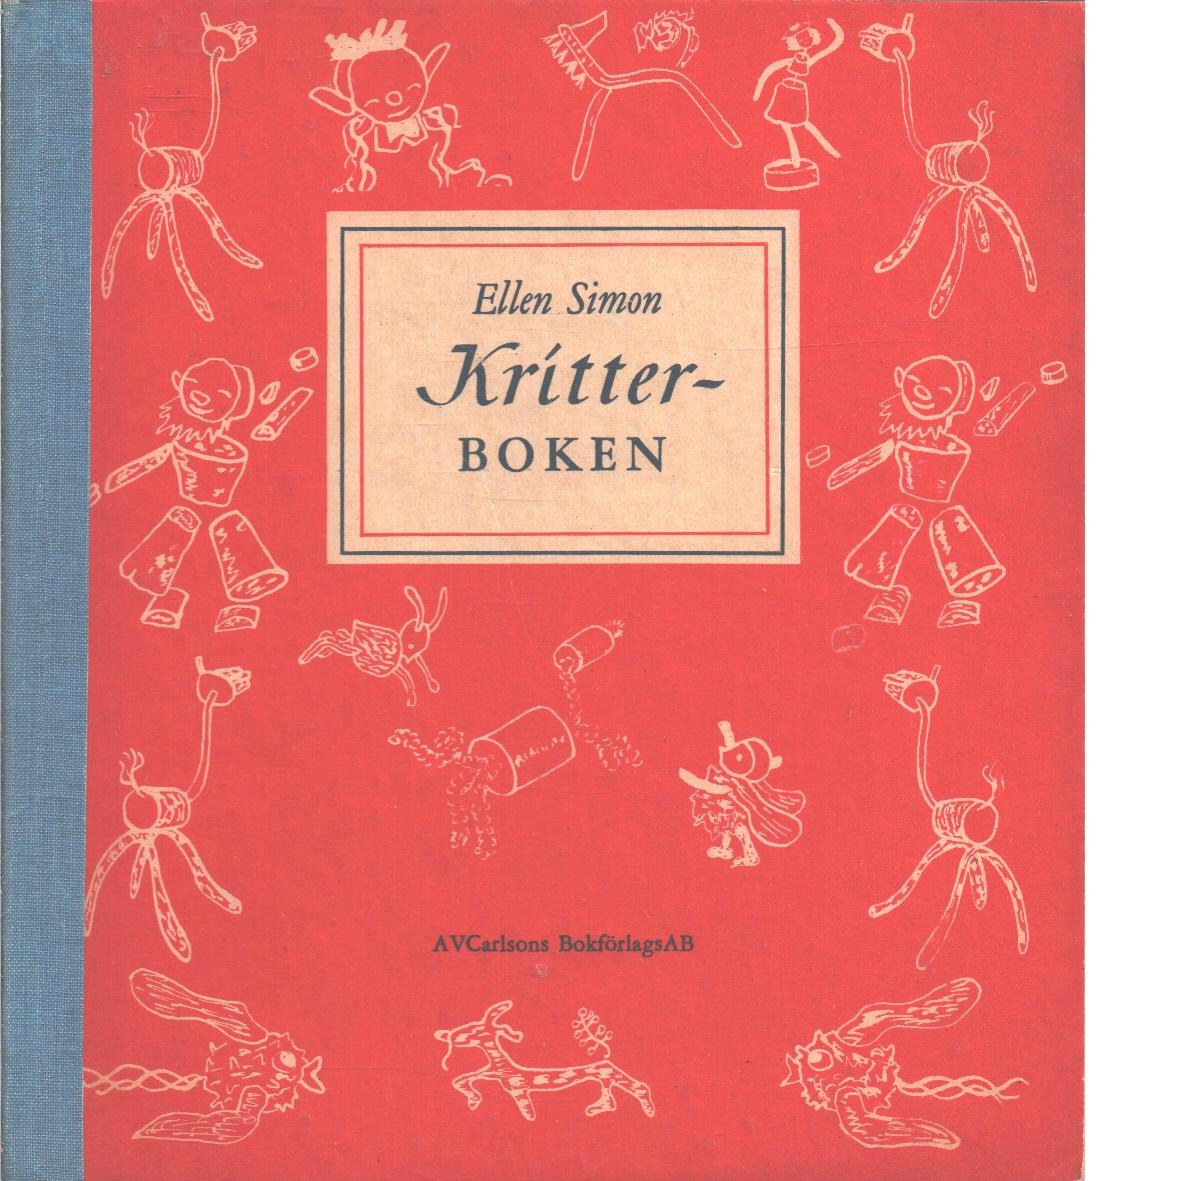 Kritter-boken - Simon, Ellen